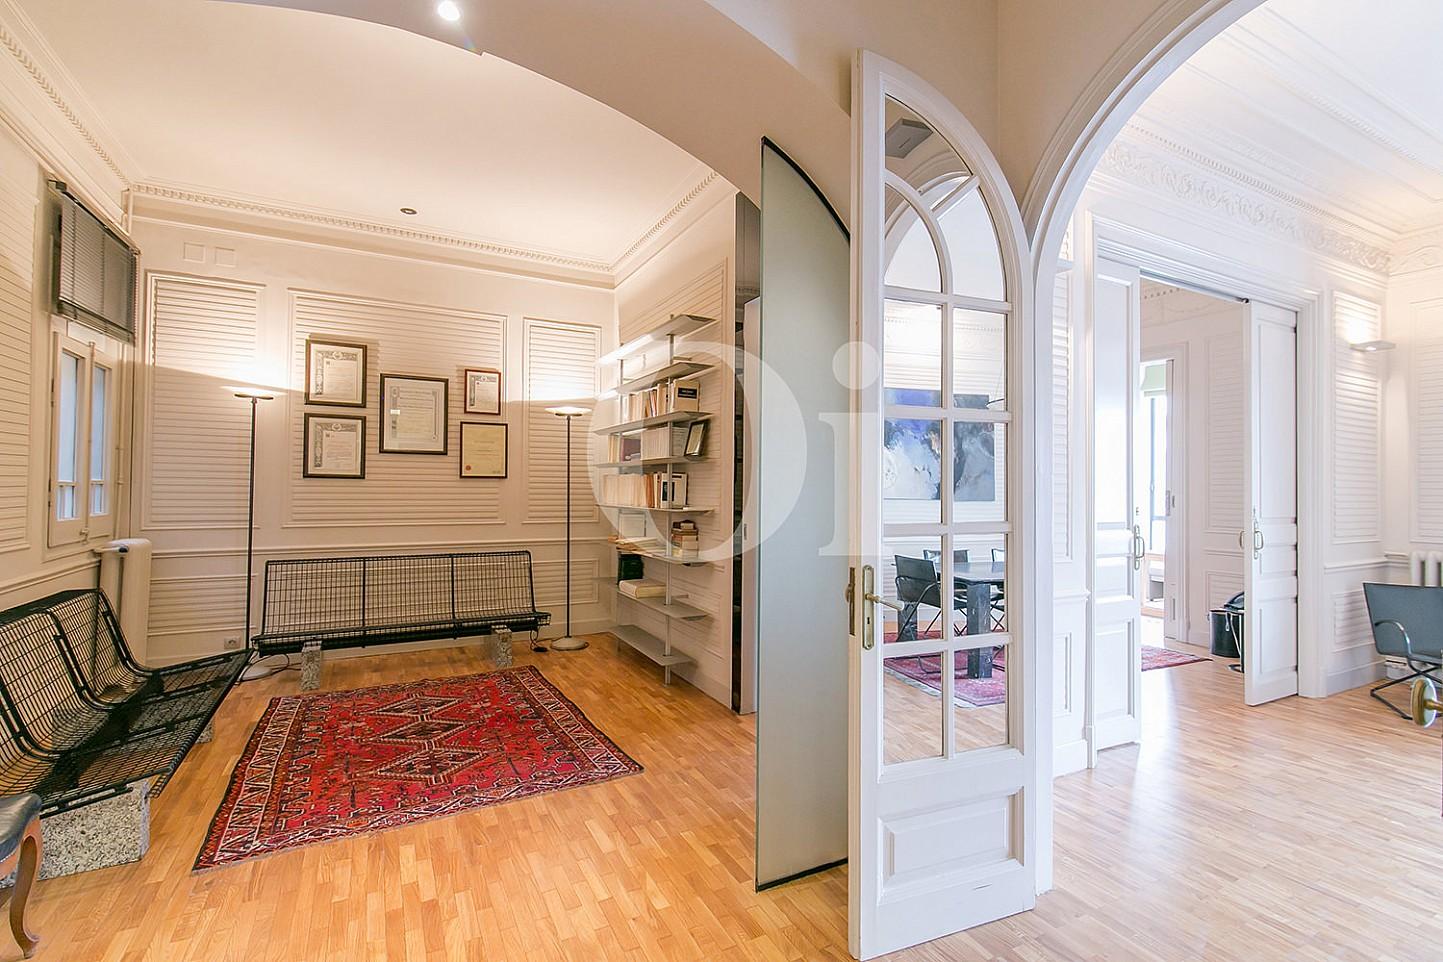 Pasillo de maravilloso apartamento en venta en el Eixample